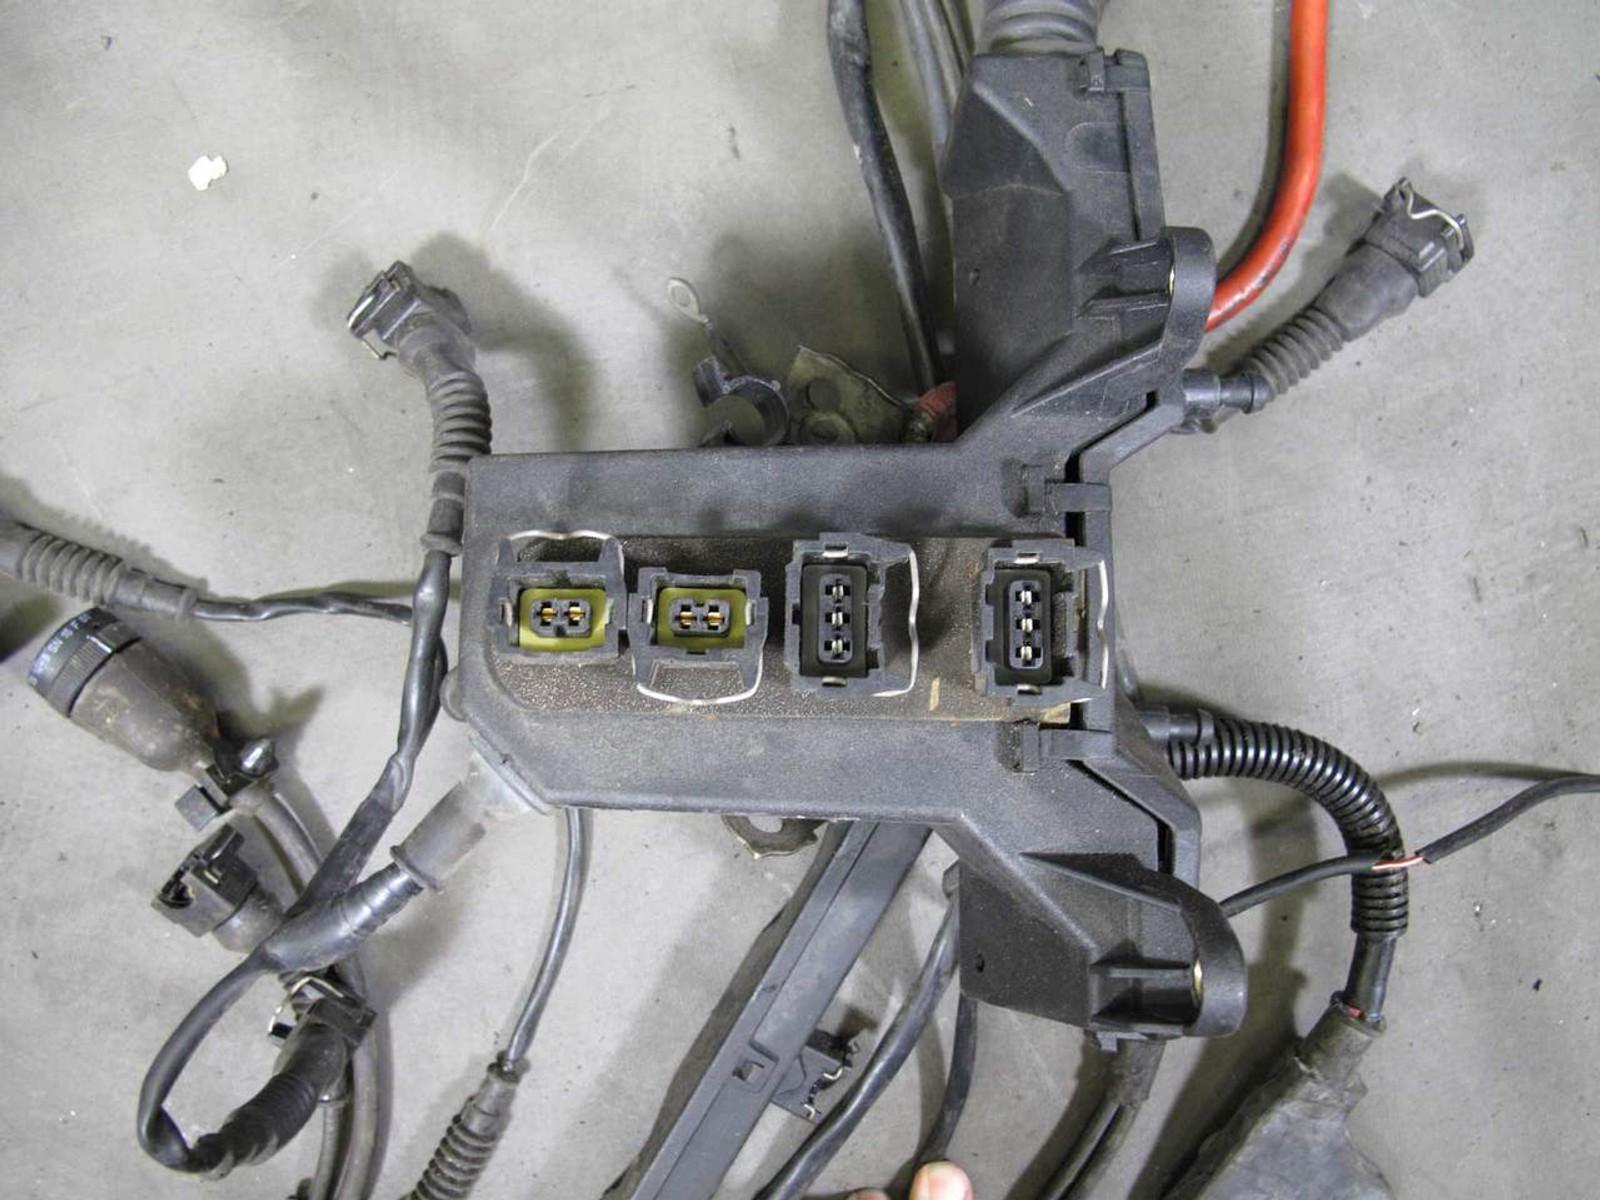 1995 bmw wiring harness wiring diagram 1995 bmw 525i engine wiring harness 1995 bmw e36 318i [ 1280 x 960 Pixel ]